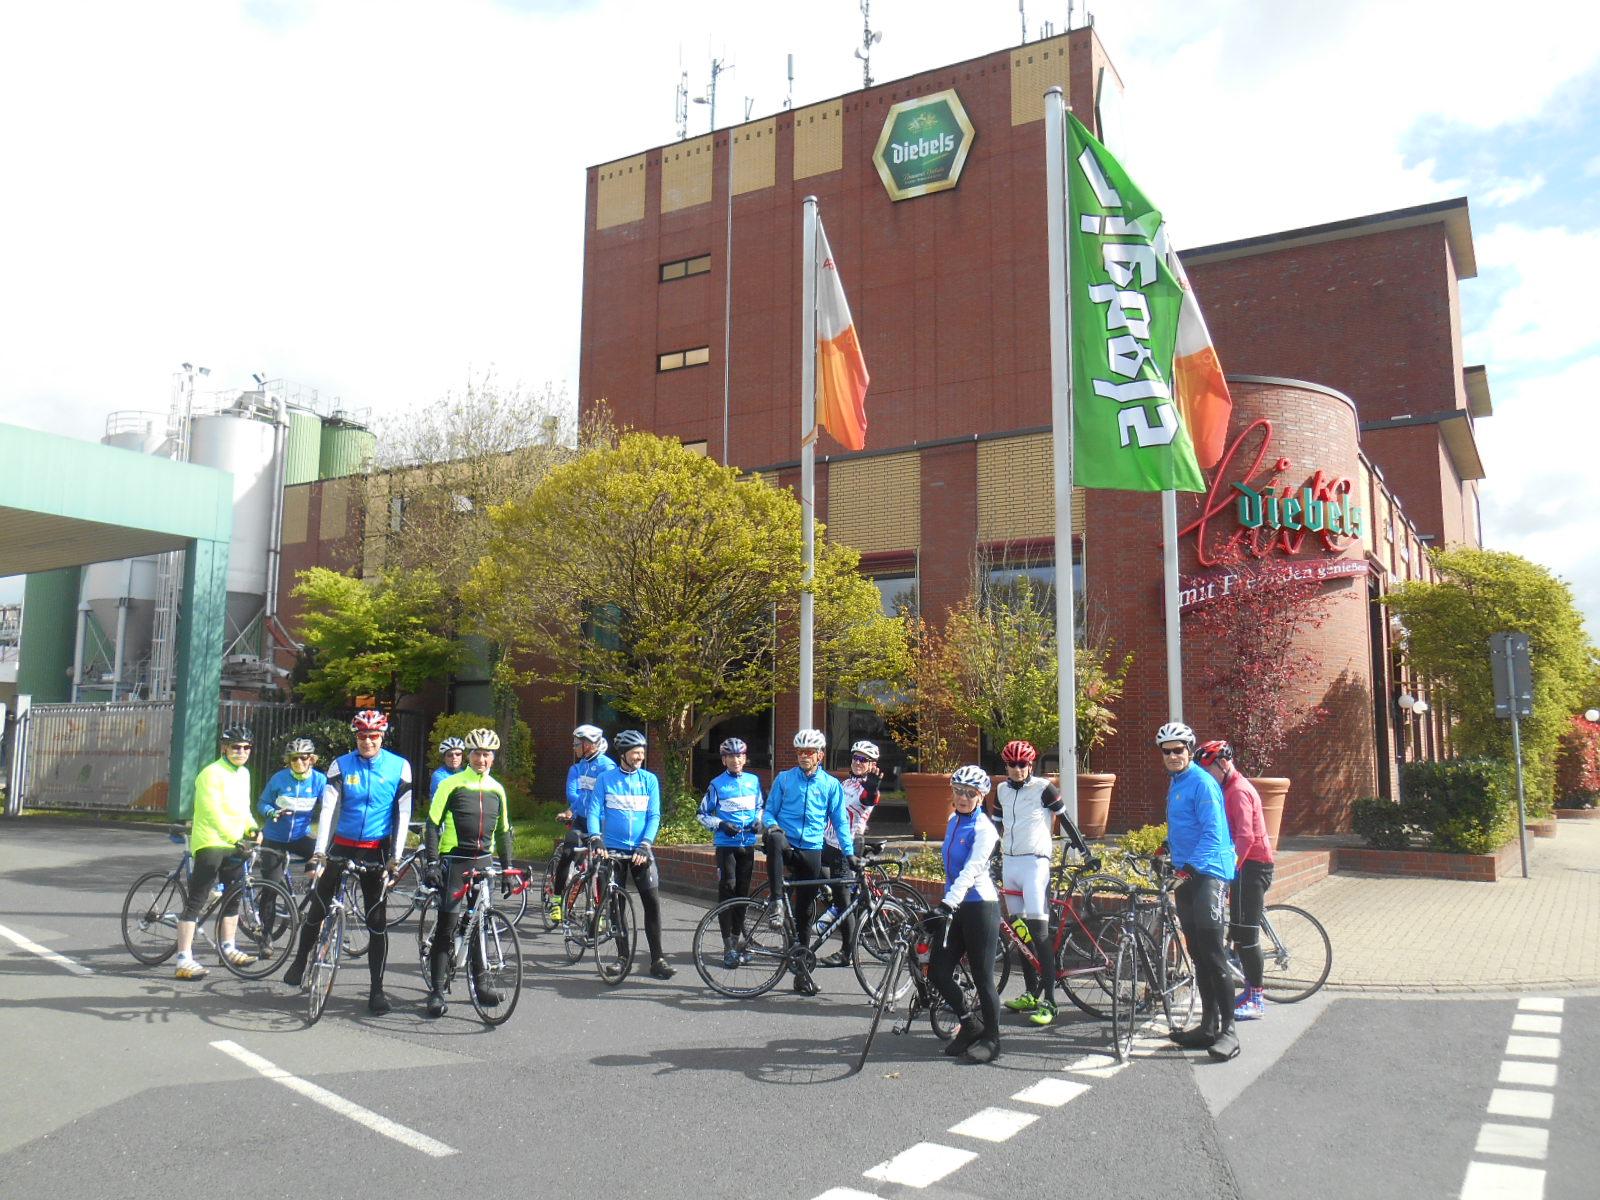 Klubanfahrt am So.,23.4.17, nach Vernum zum Landcafe Steudle